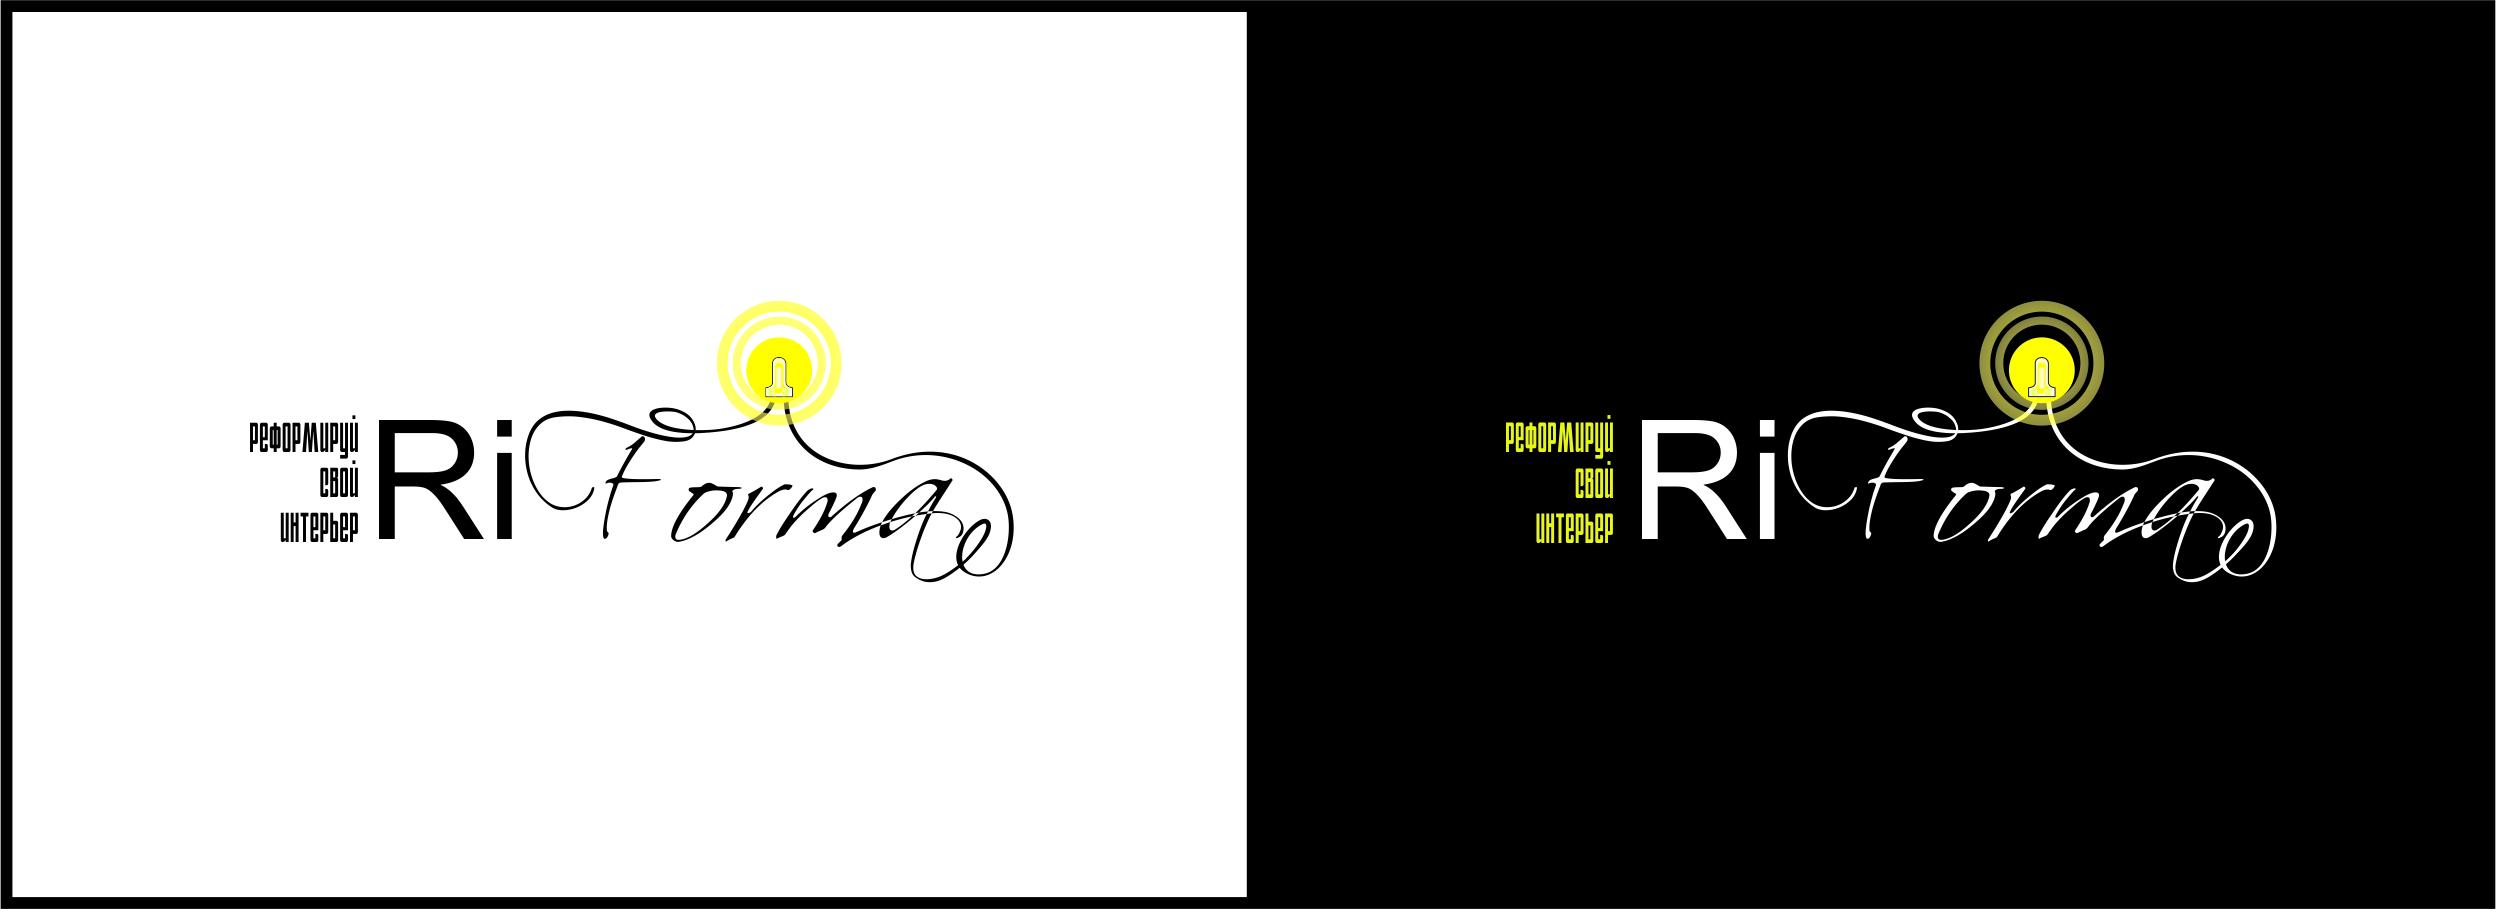 Разработка логотипа и элементов фирменного стиля фото f_8365799018f333b3.jpg